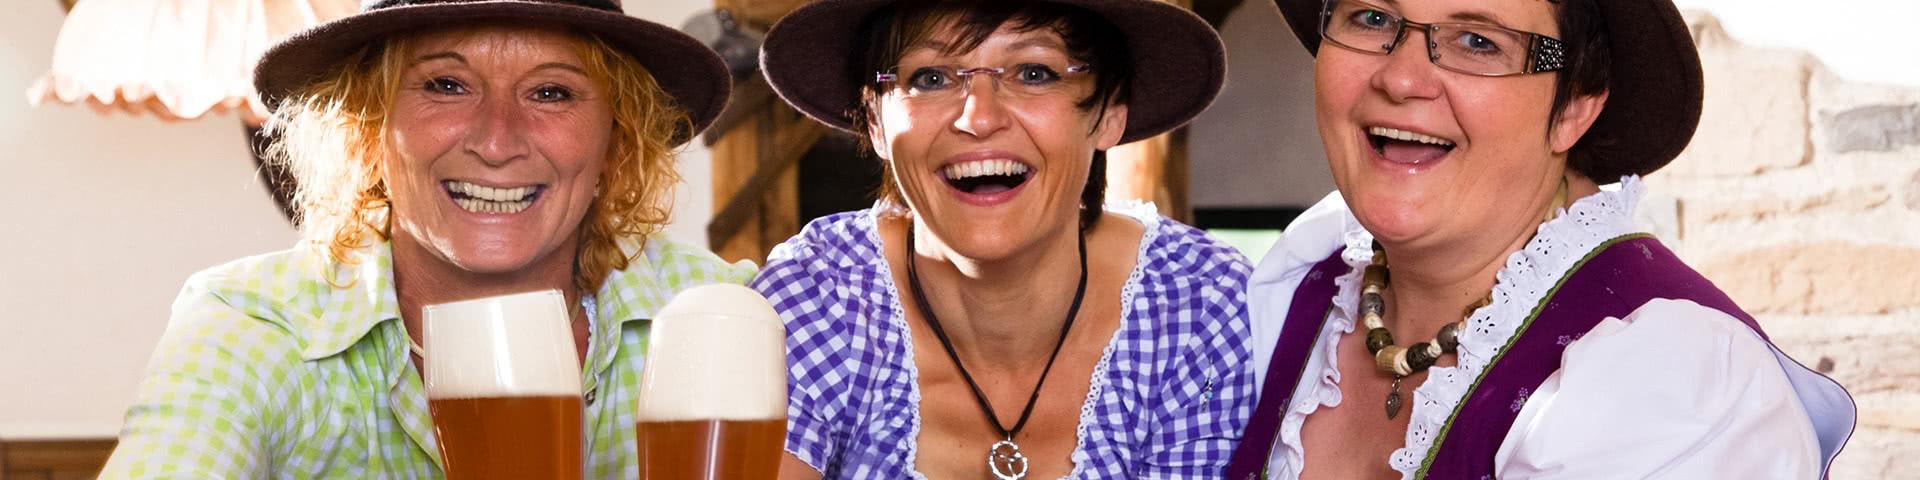 Drei Frauen in Tracht trinken Bier in der Dorf Alm in Willingen